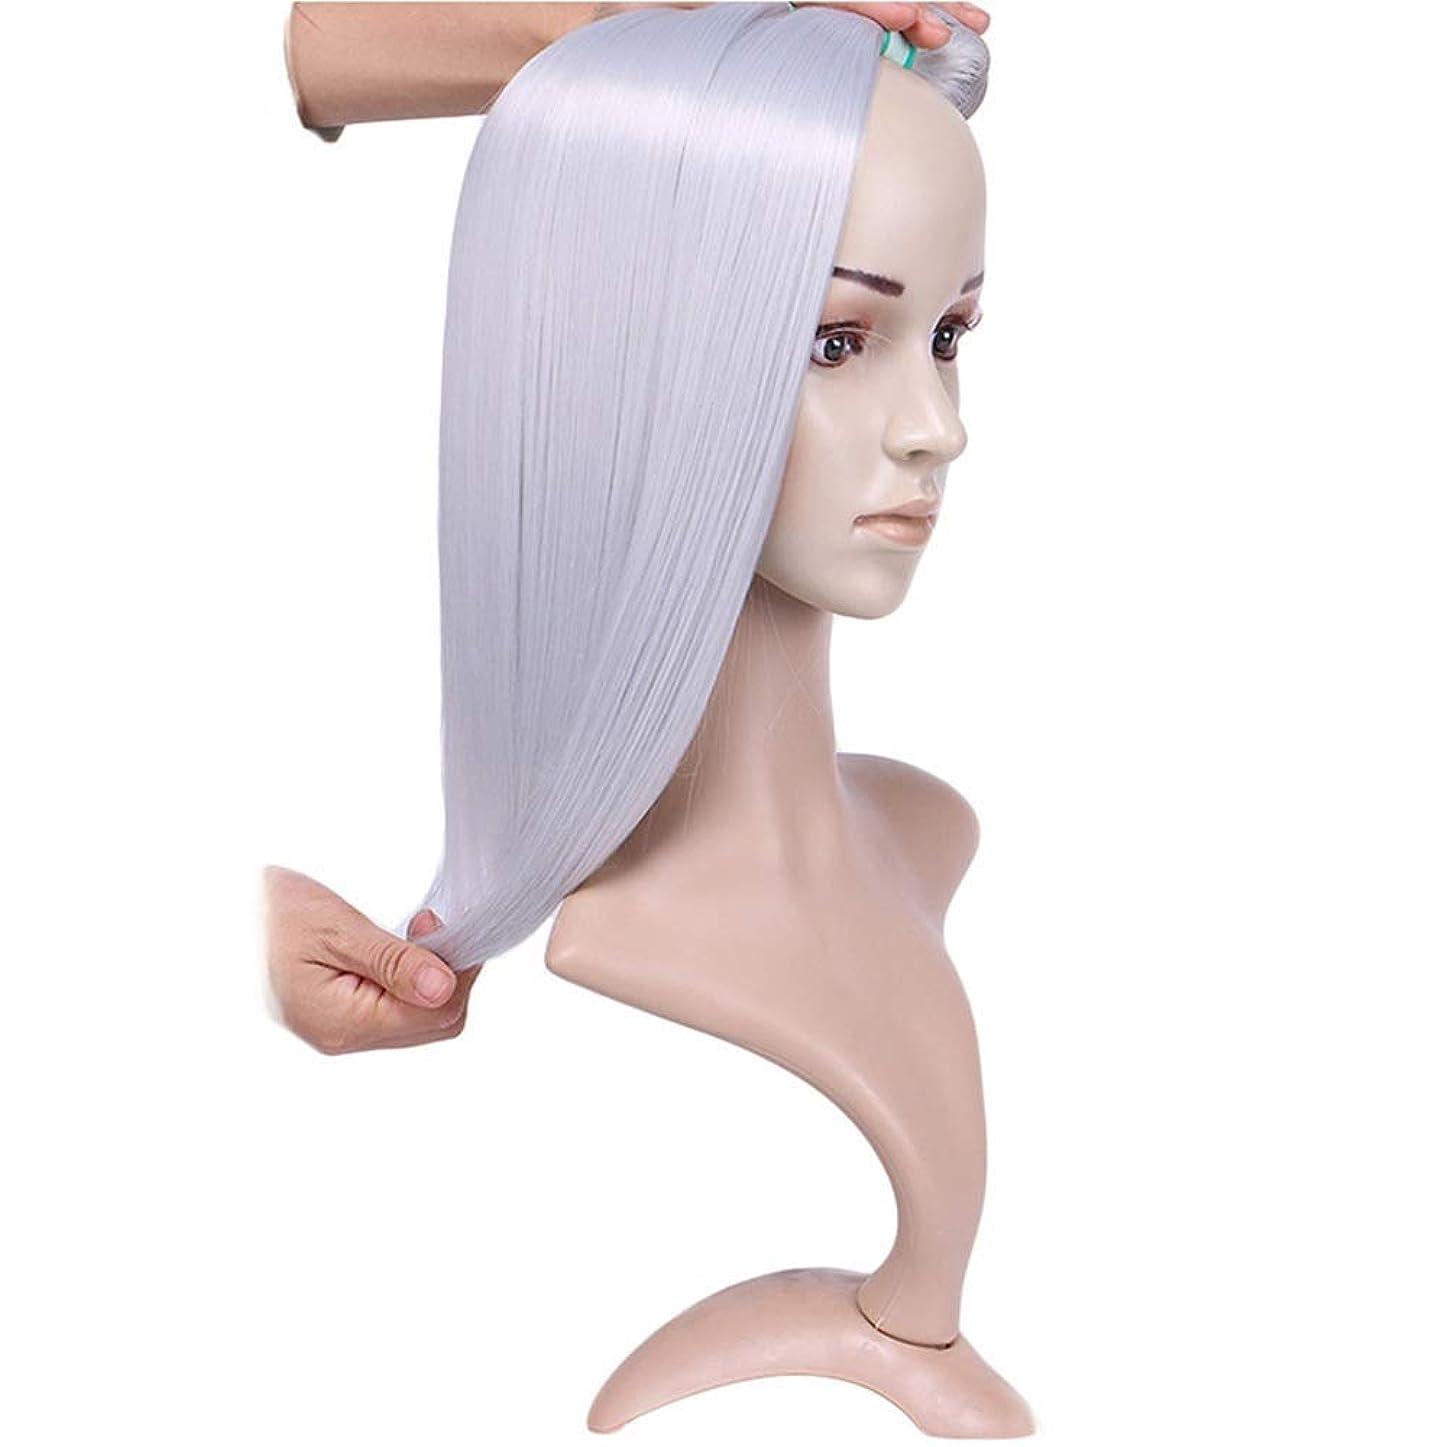 櫛解決トークHOHYLLYA シルバーグレーストレートヘアバンドルシルキーストレート織り方長さ混合長(16 18 20)合成髪レースかつらロールプレイングかつら長くて短い女性自然 (色 : Silver grey, サイズ : 18